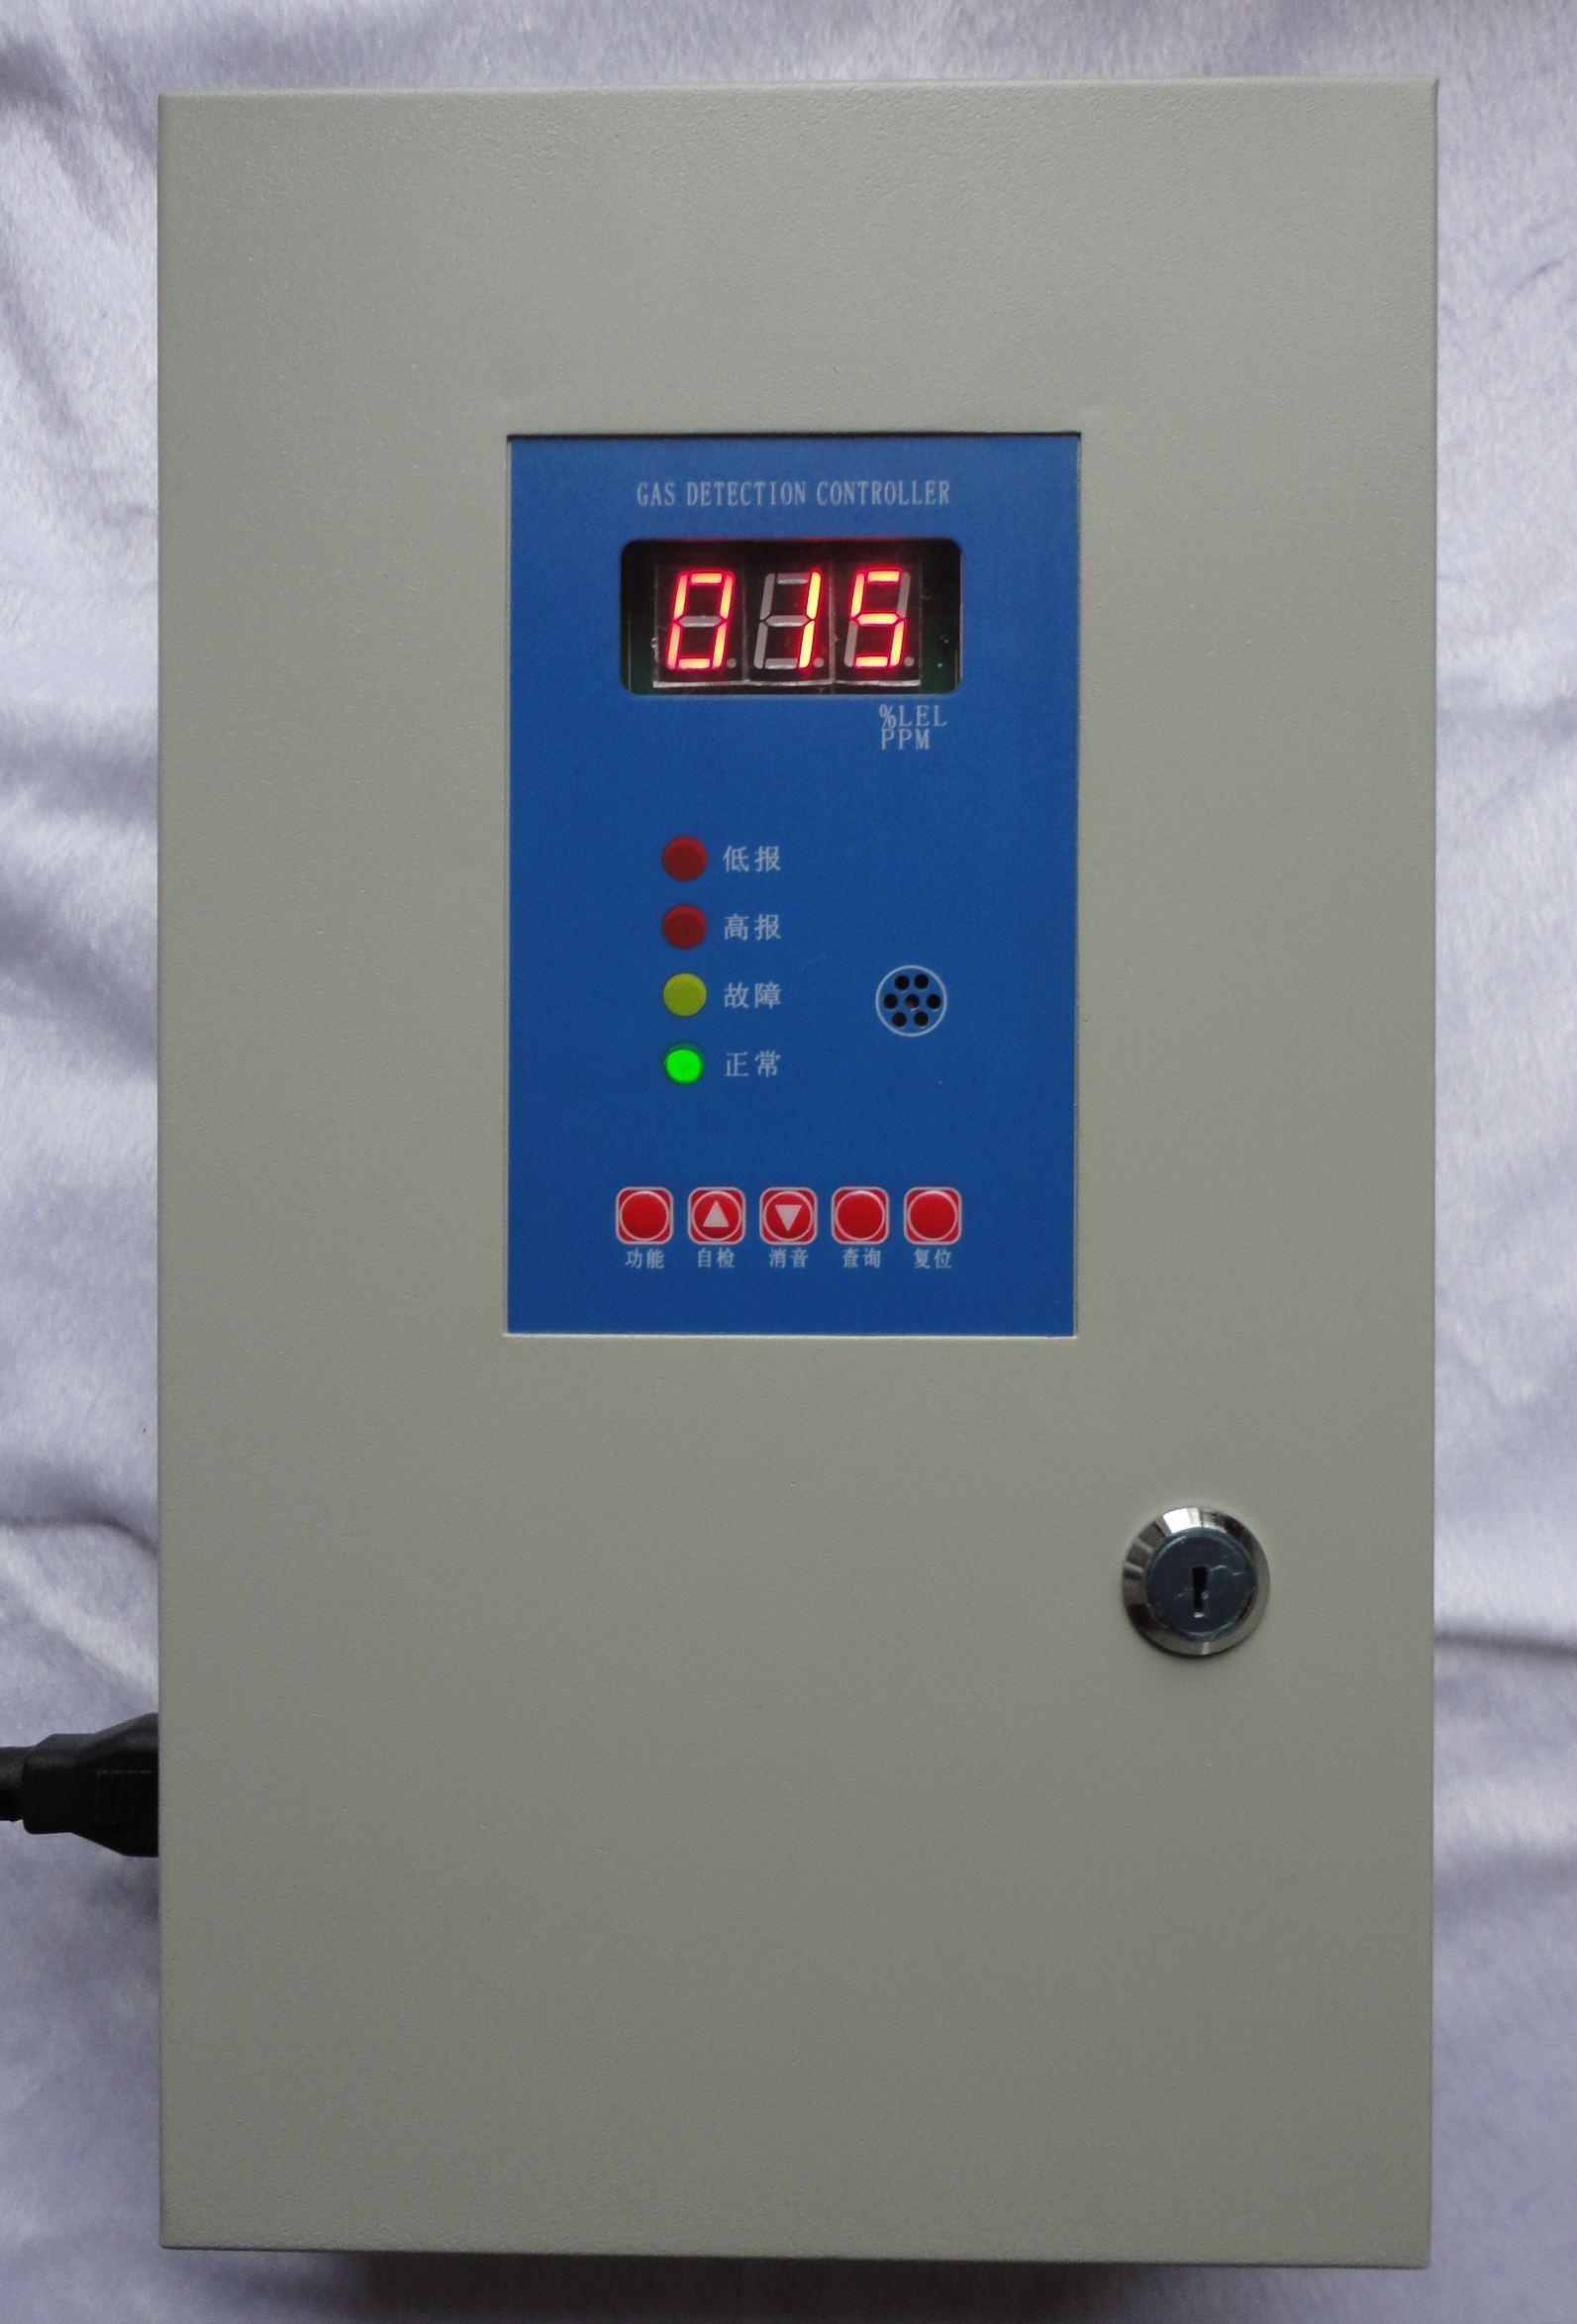 Алкоголь с алкоголь обнаружения сигнала детектор концентрация